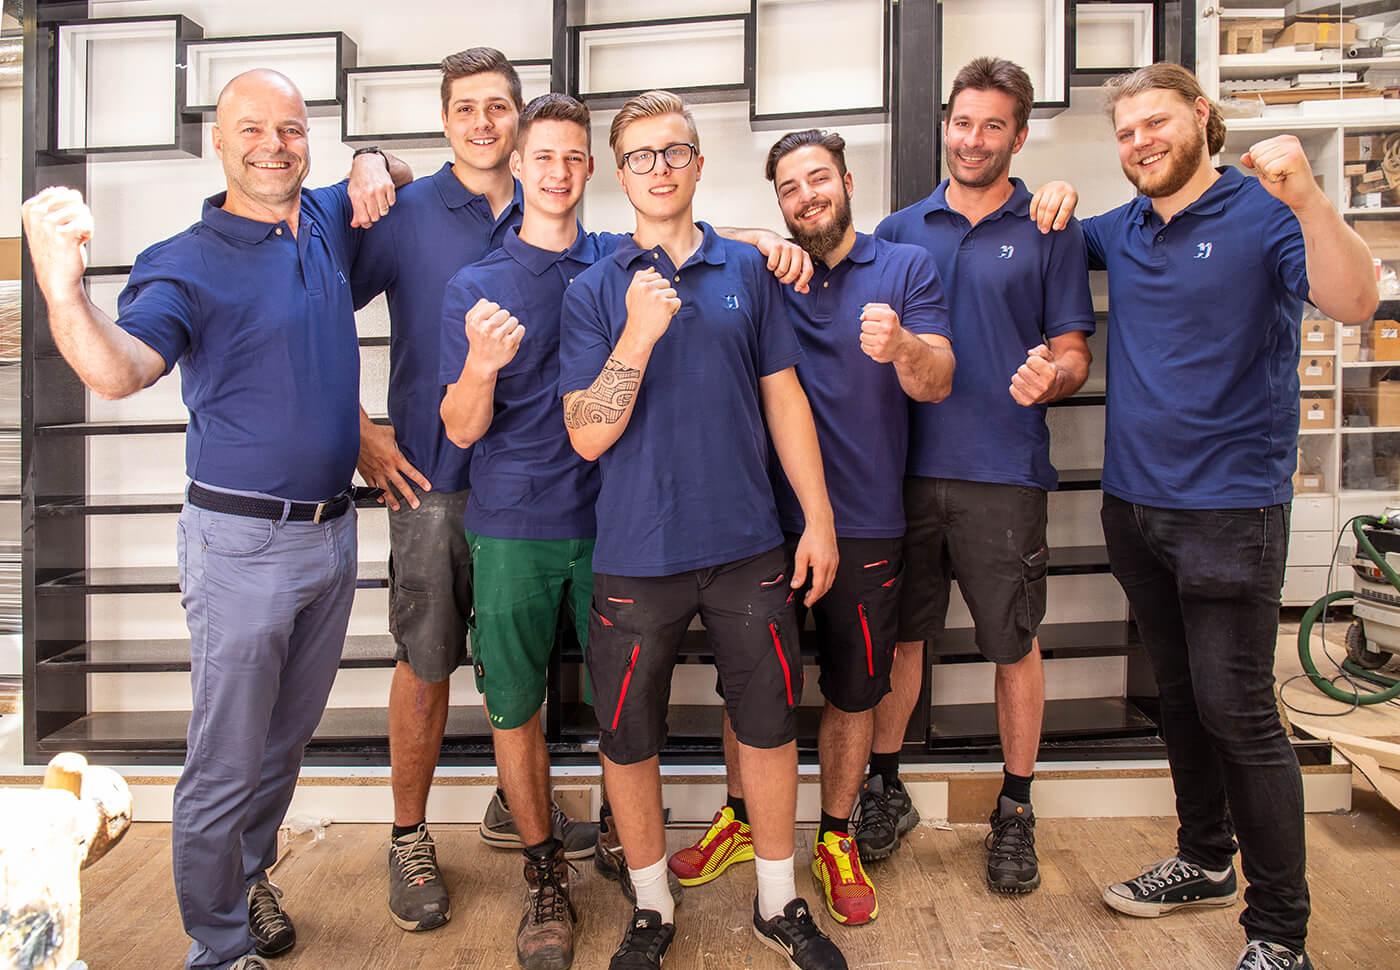 Der beste Lehrling in Kärnten – Tischlerei Hauptmann gewann Landeswettbewerb im ersten Lehrjahr